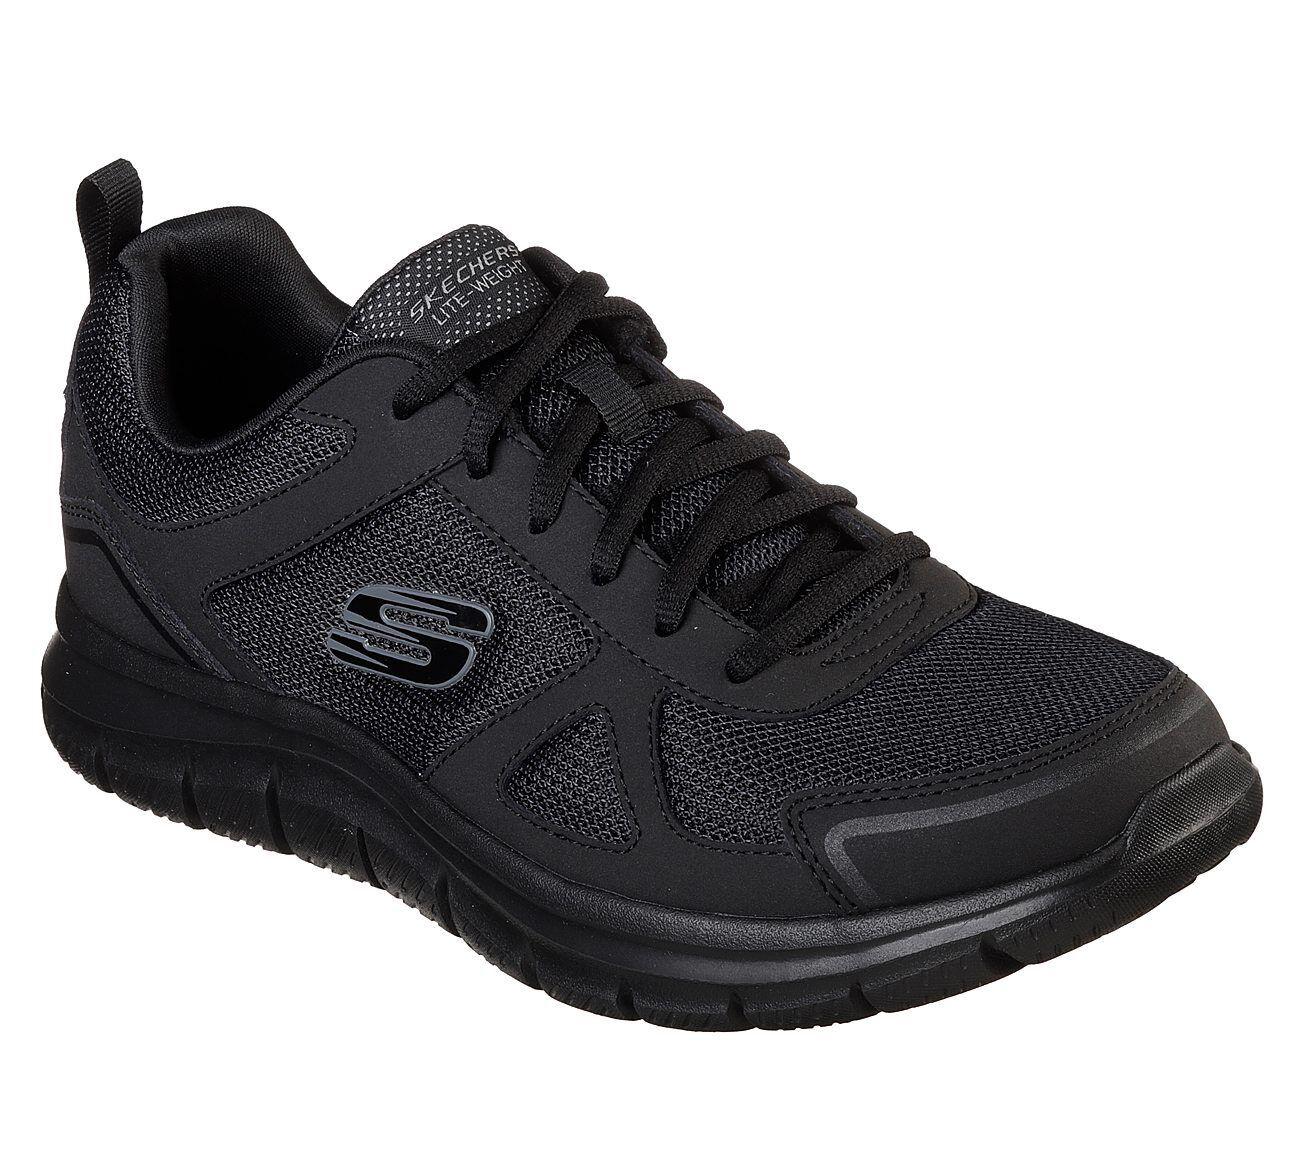 52631 Wide Fit Black Skechers shoe Men Memory Foam Sport Comfort Train Soft Mesh